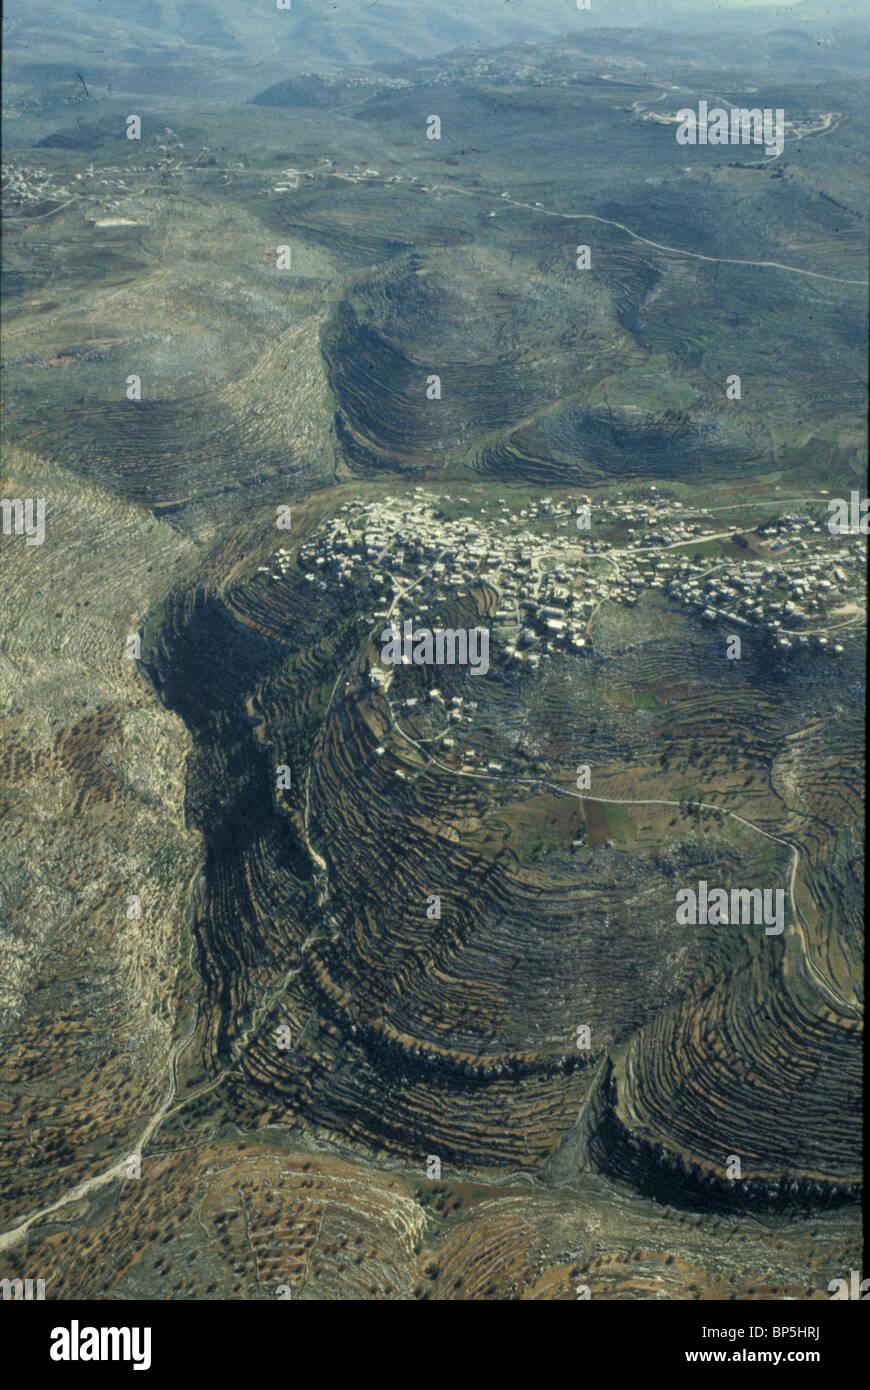 3653. SAMARIA - DAS HÜGELLAND NÖRDLICH VON JERUSALEM, ALOTED AN DEN STAMM BINJAMIN Stockbild